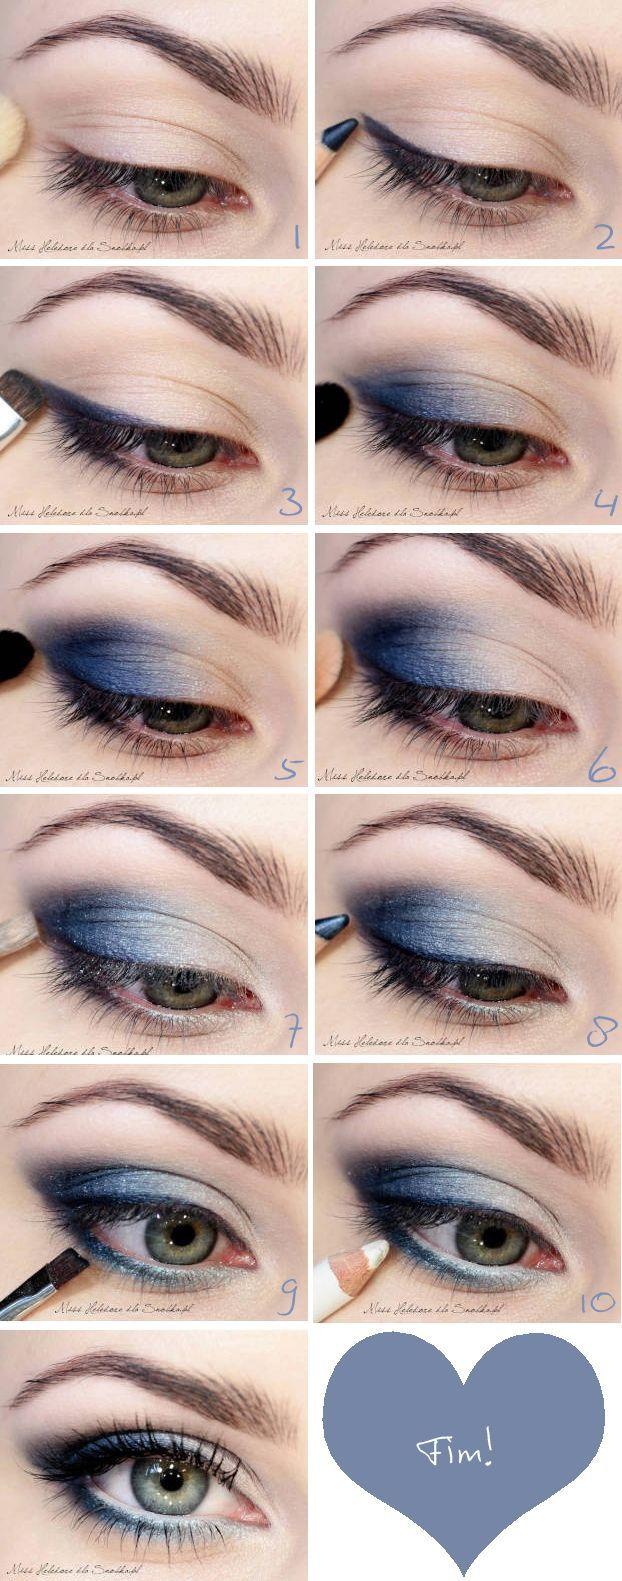 337dcfe67ec21d508b711d0fee6dcf7b - maquillaje ojos azules mejores equipos